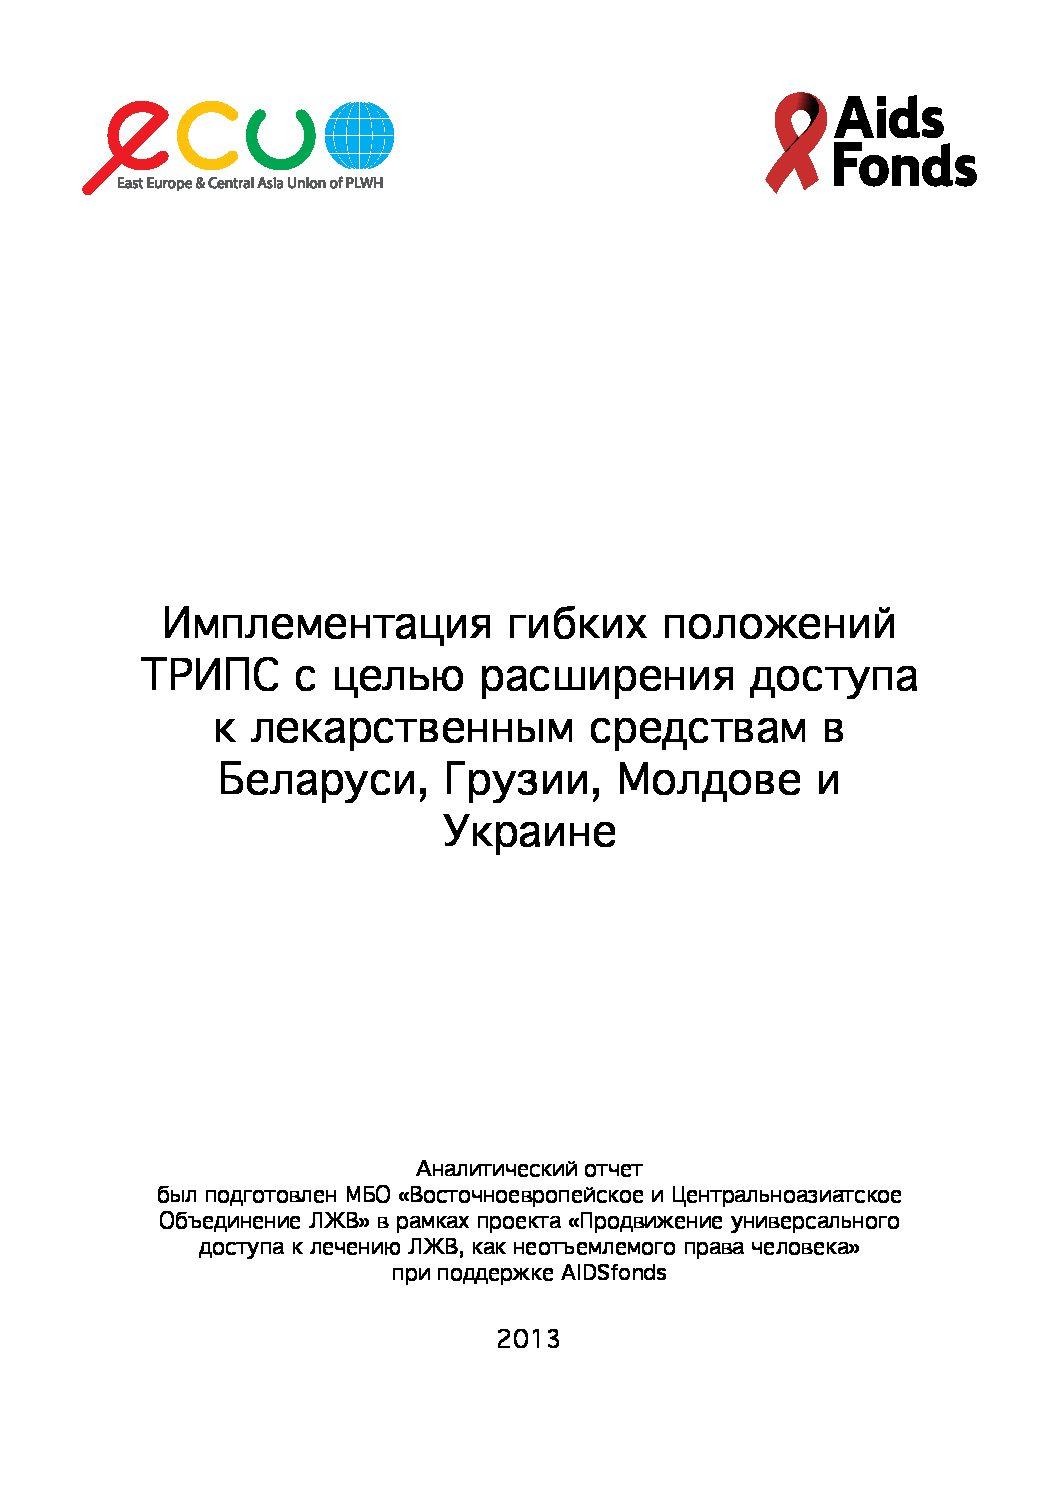 Имплементация гибких положений ТРИПС с целью расширения доступа к лекарственным средствам в Беларуси, Грузии, Молдове и Украине.